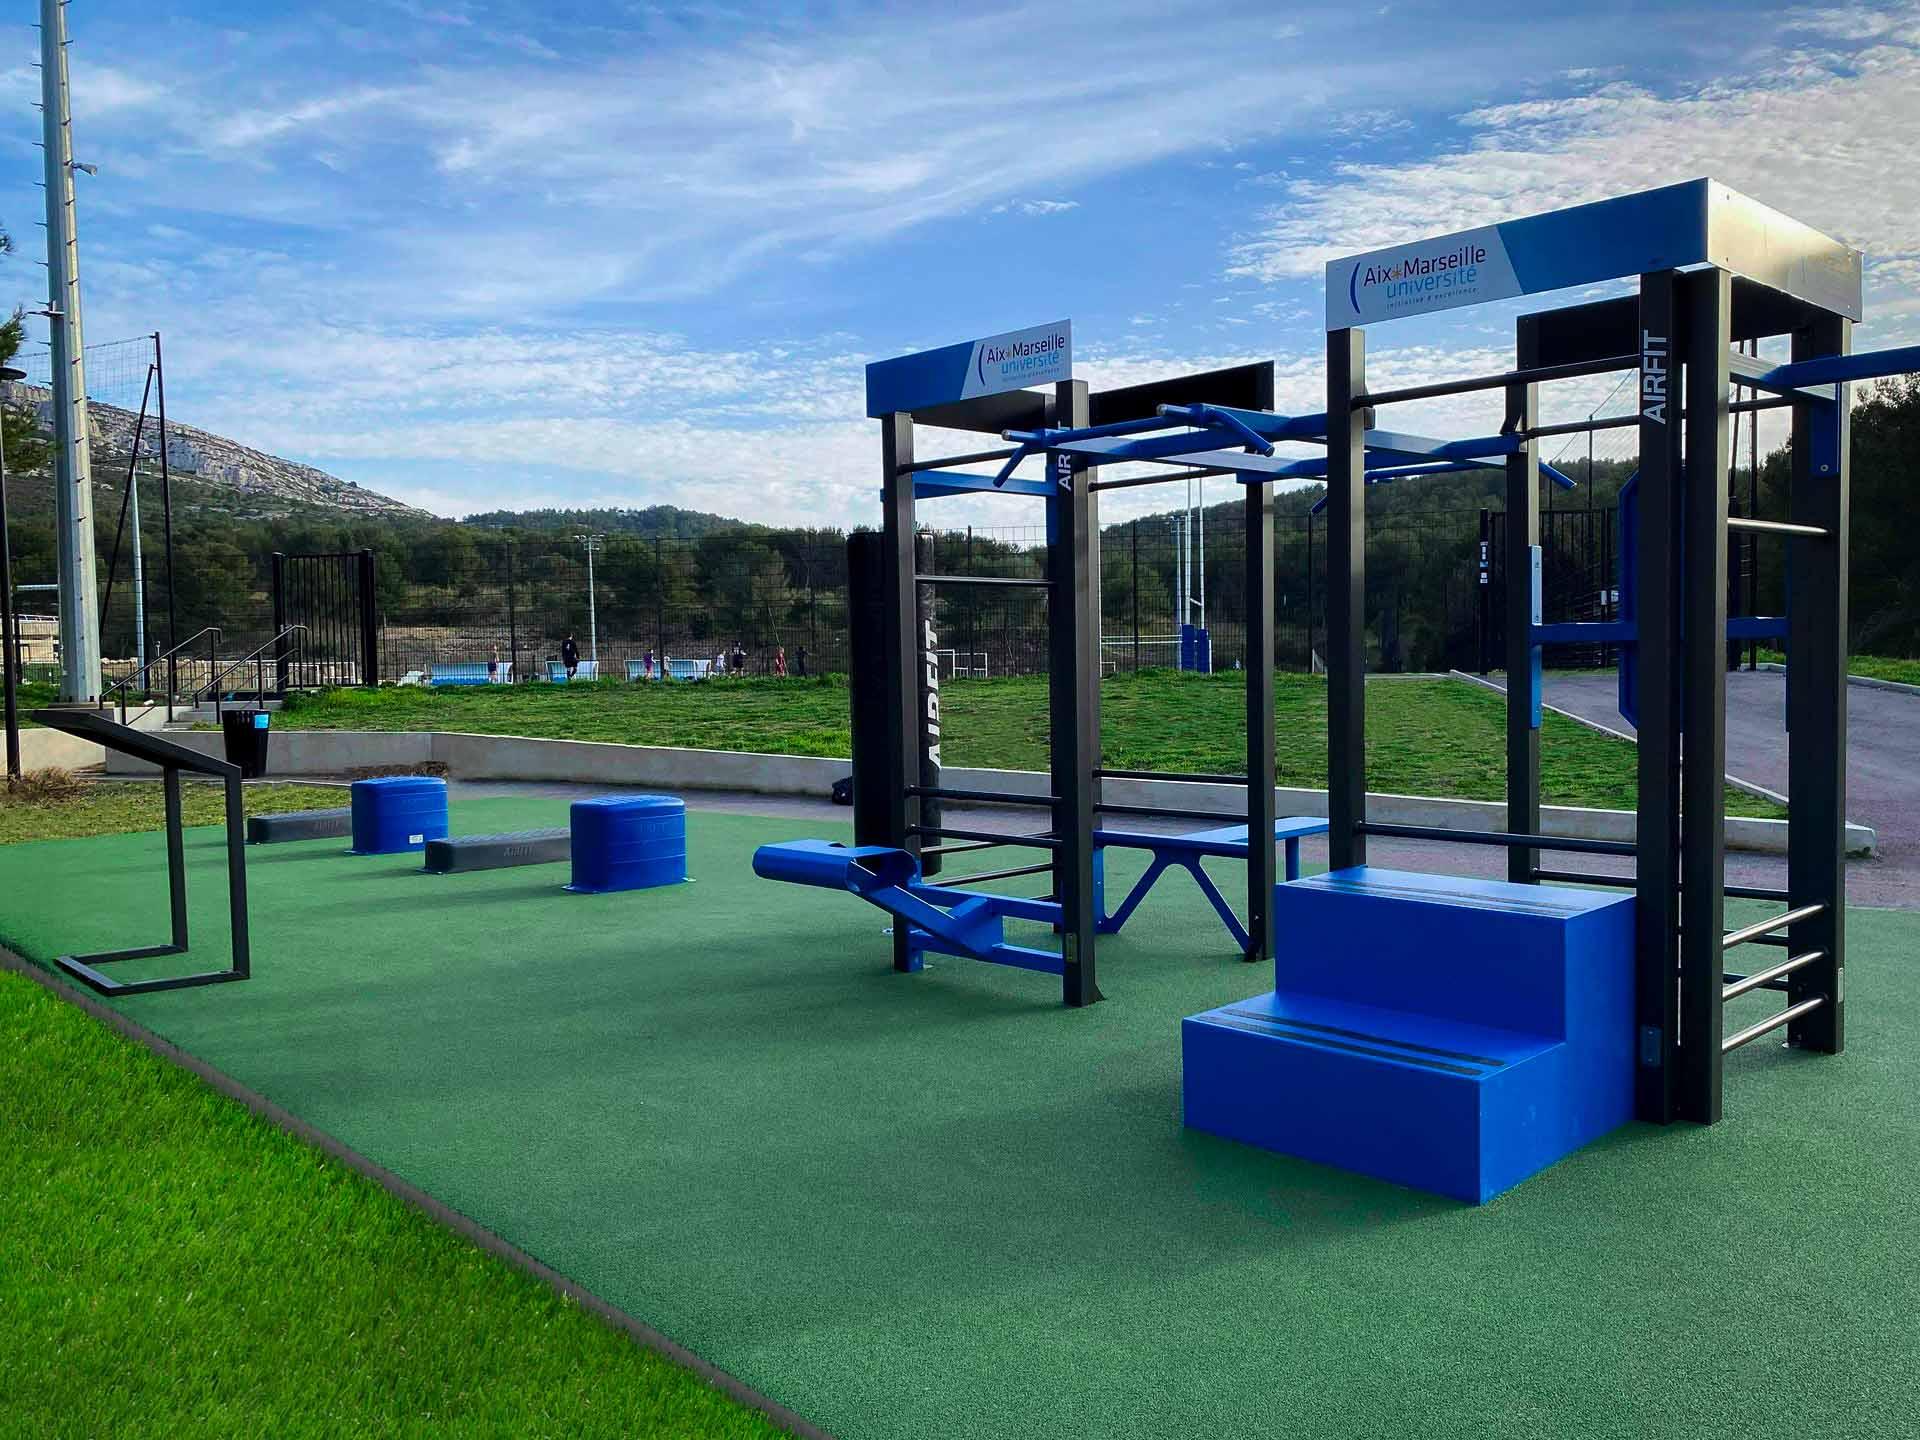 Photo de l'aire de fitness en extérieur - campus Luminy Aix Marseille Université